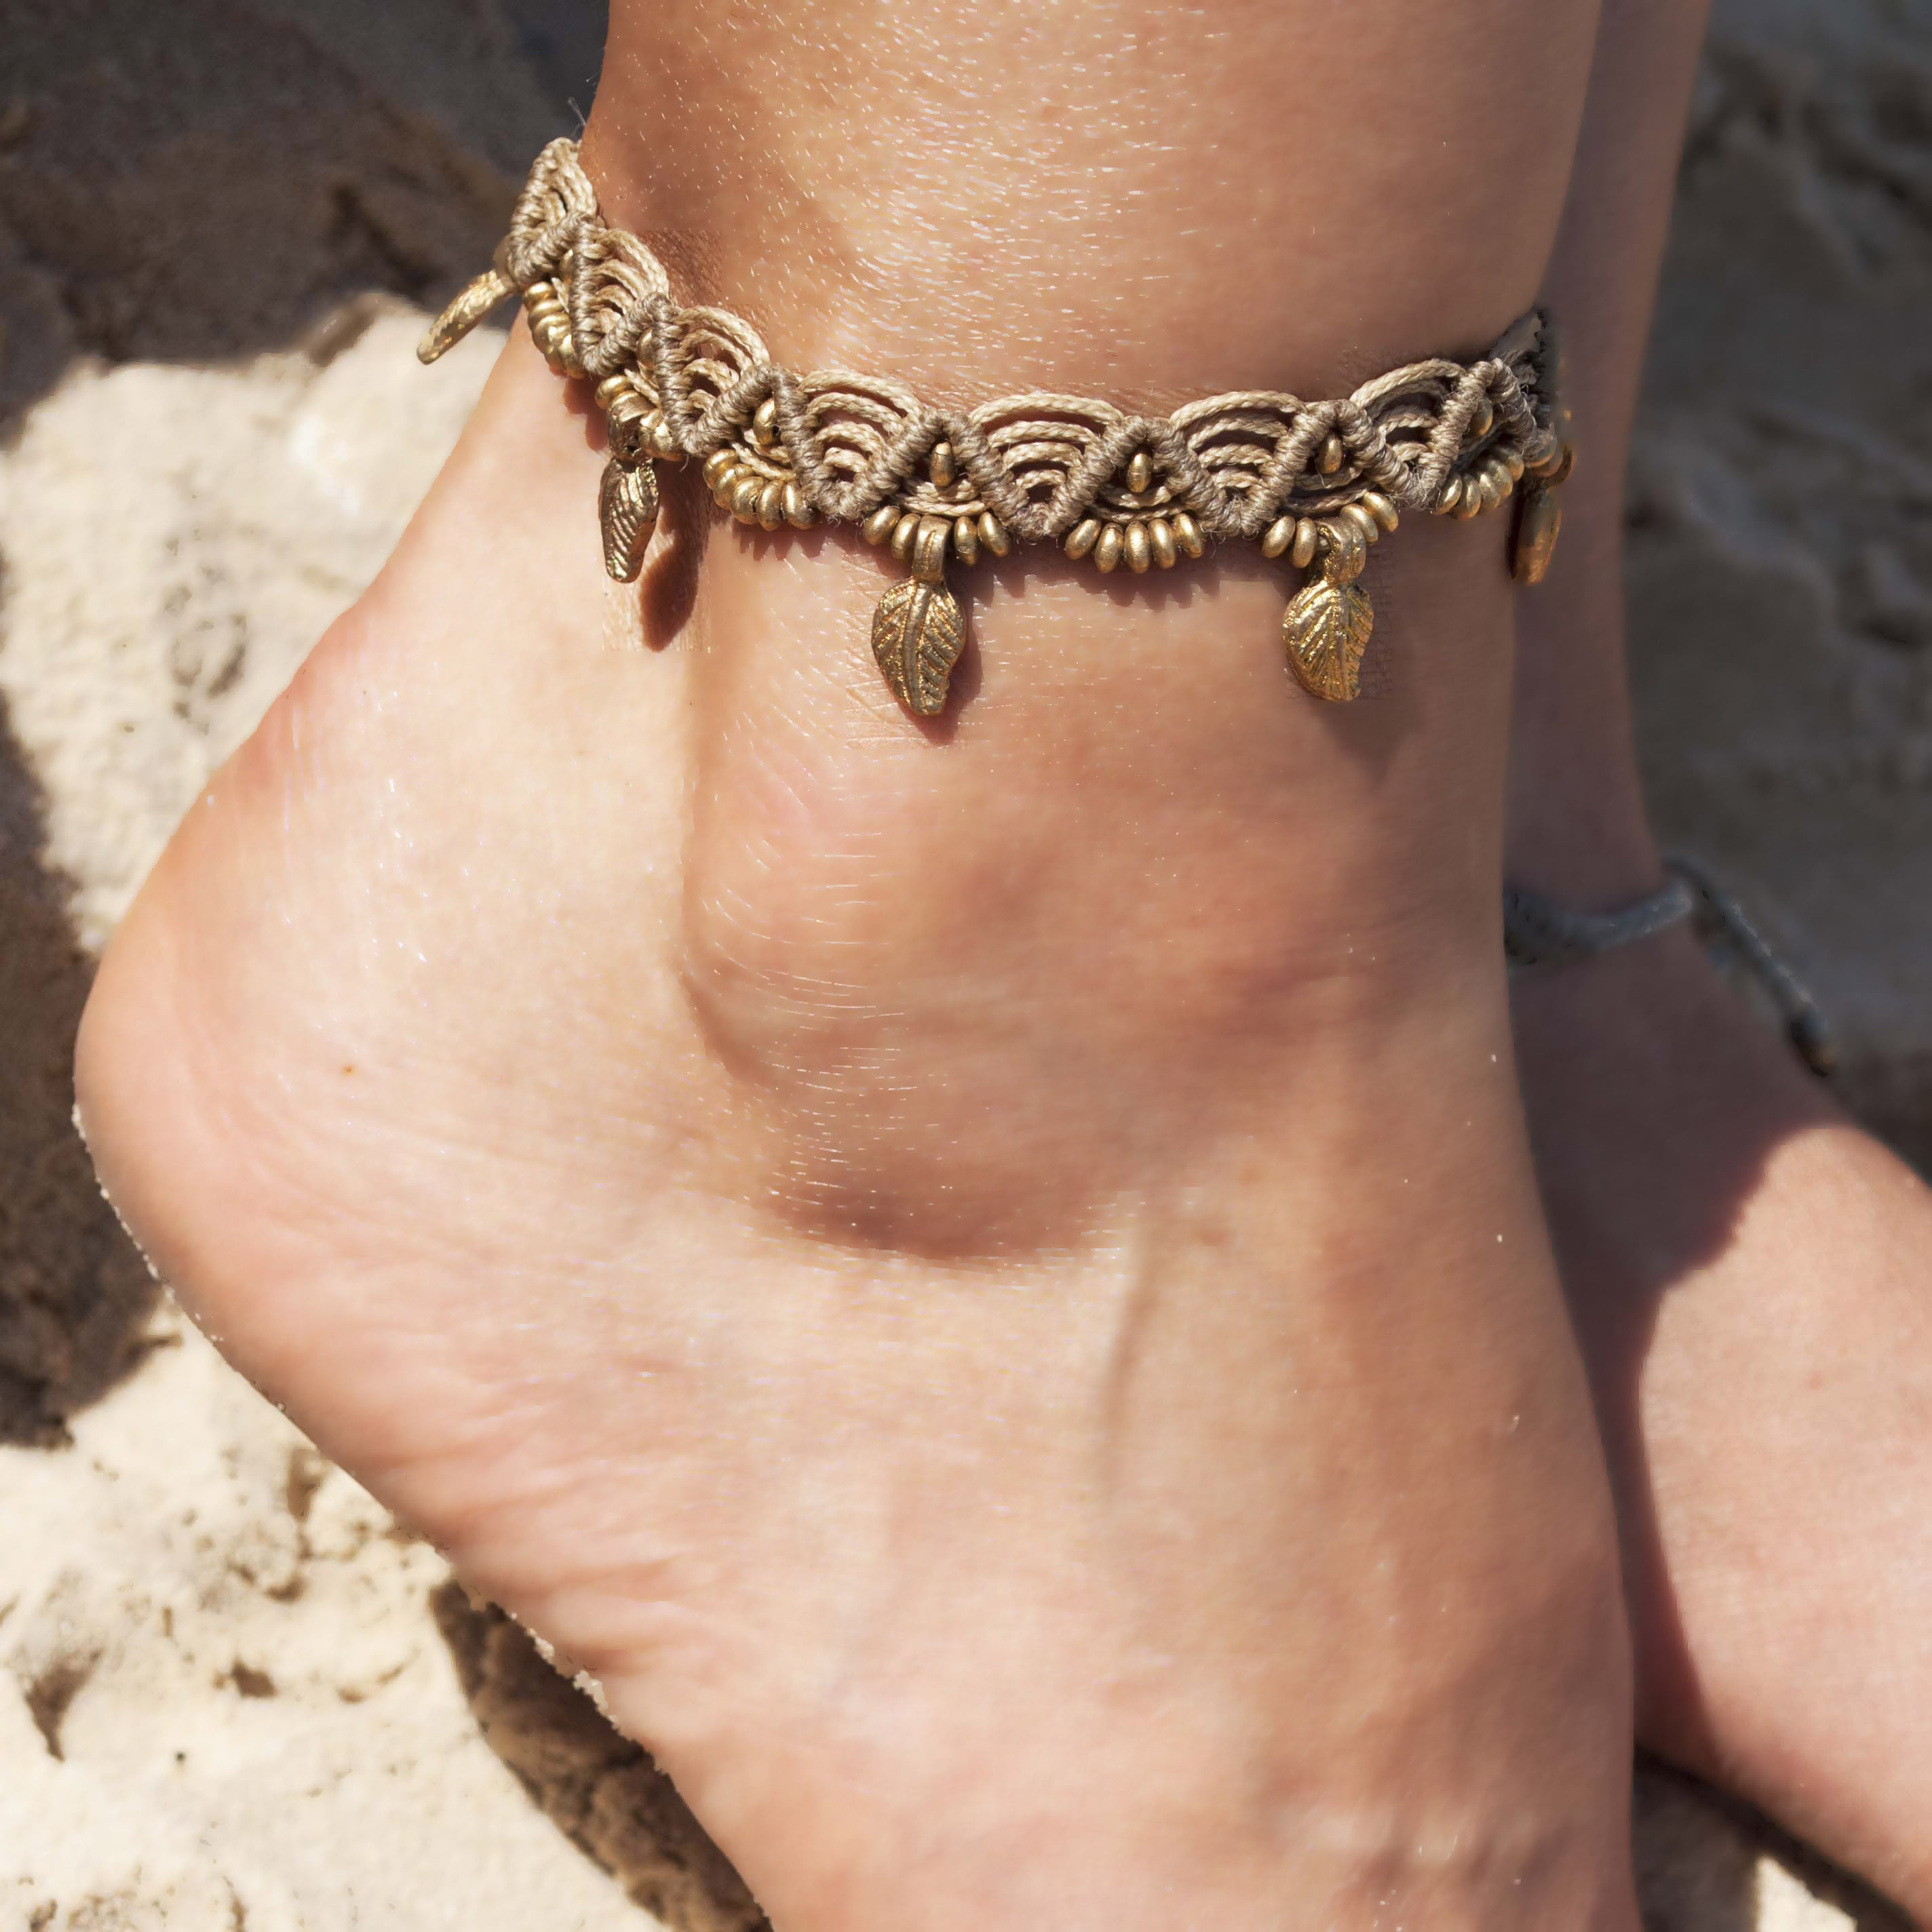 צמיד רגל מקרמה בז' עם חרוזי בראס ותליוני עלים